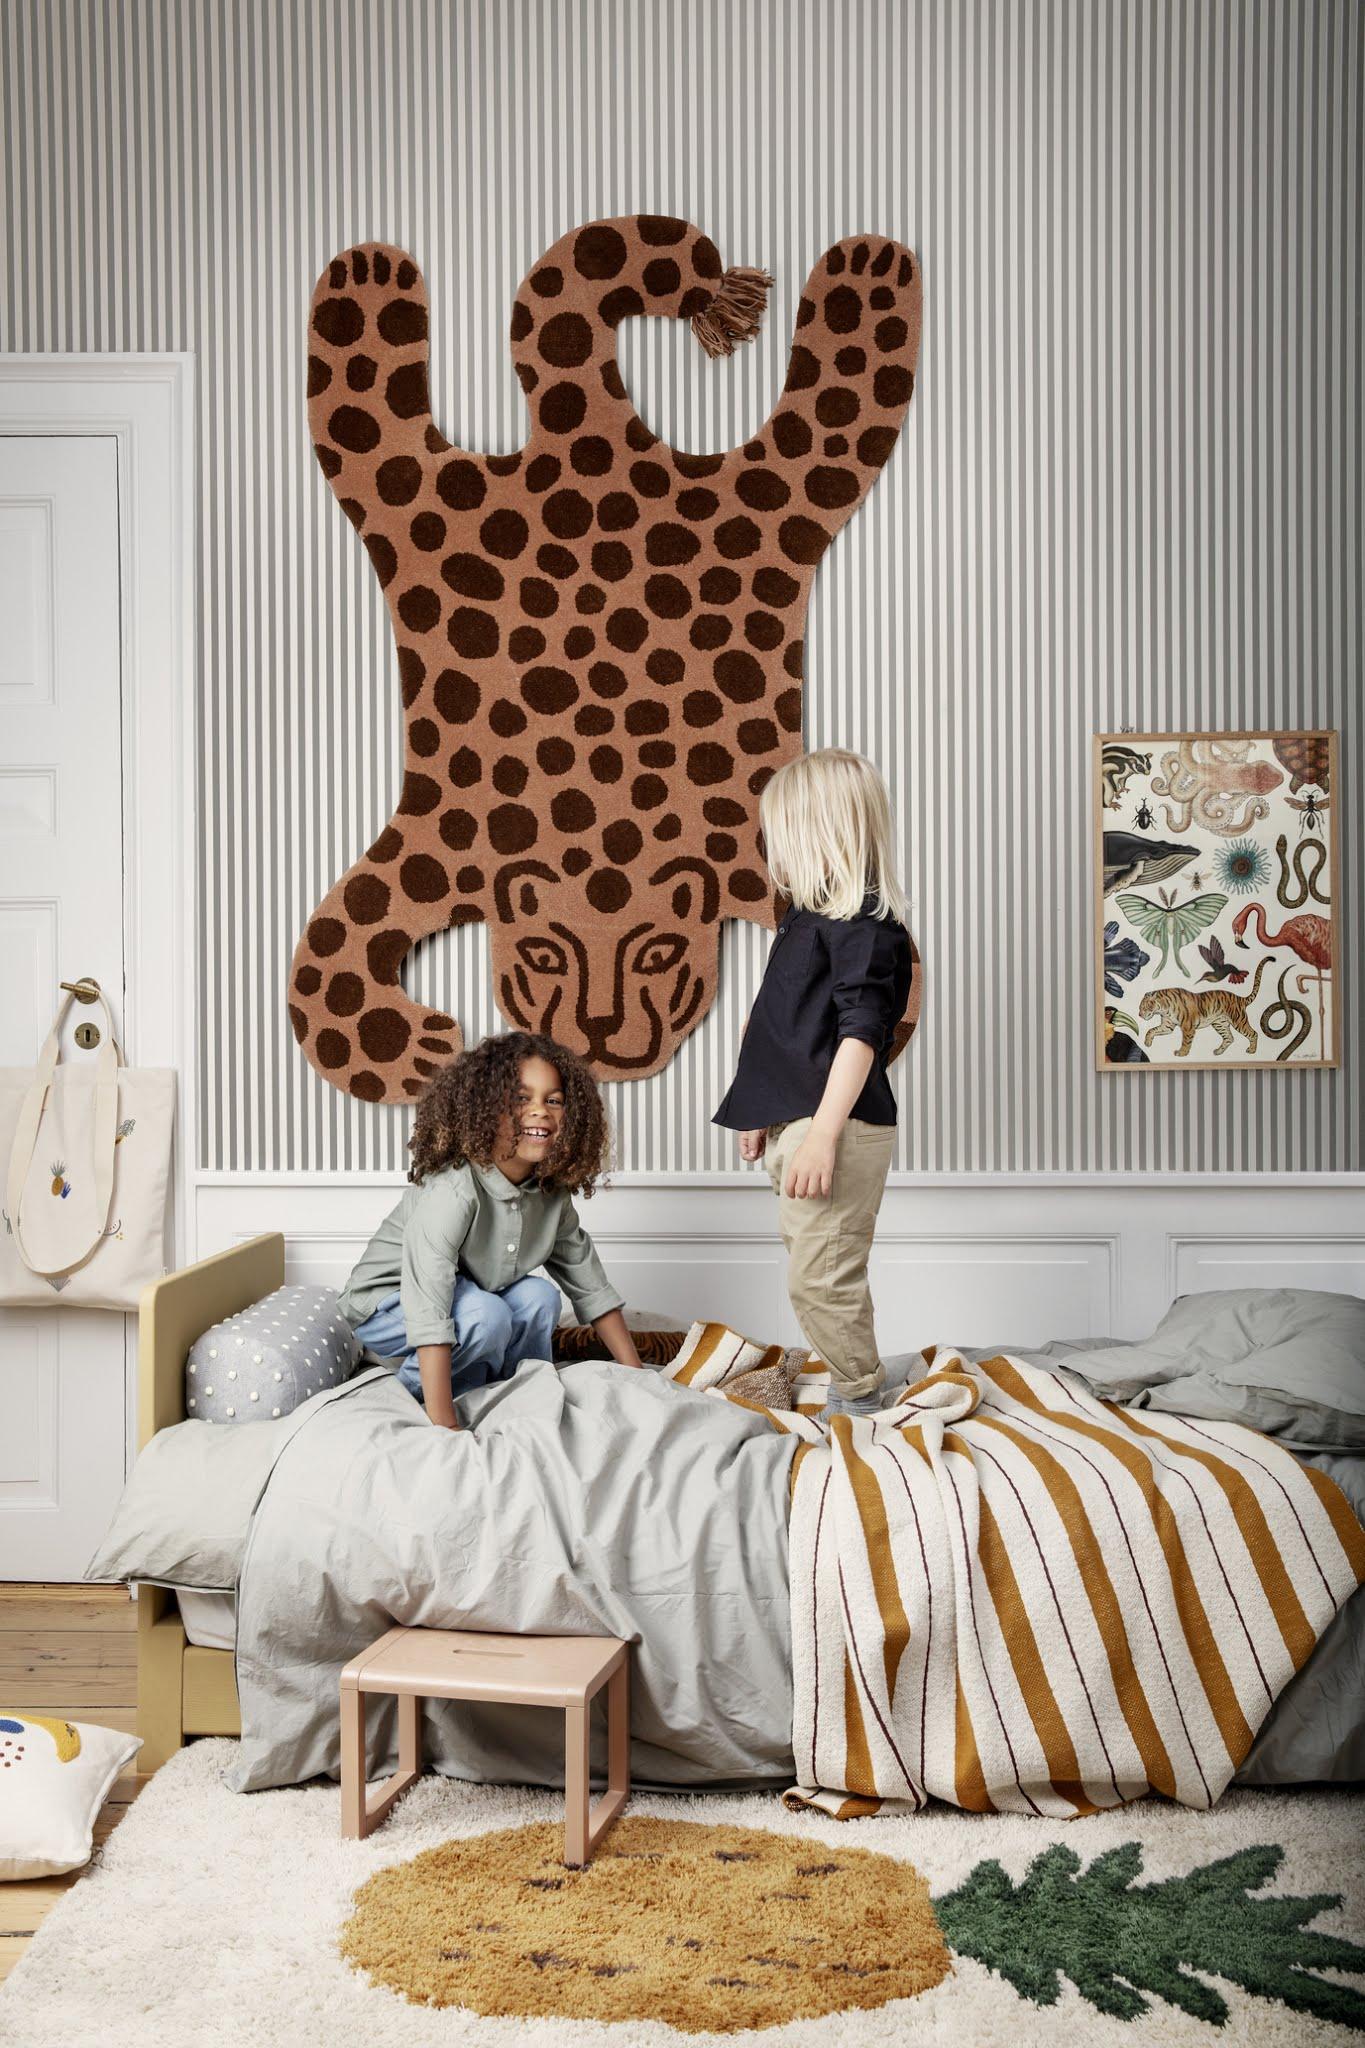 zwierzęce dodatki do pokoju dziecięcego